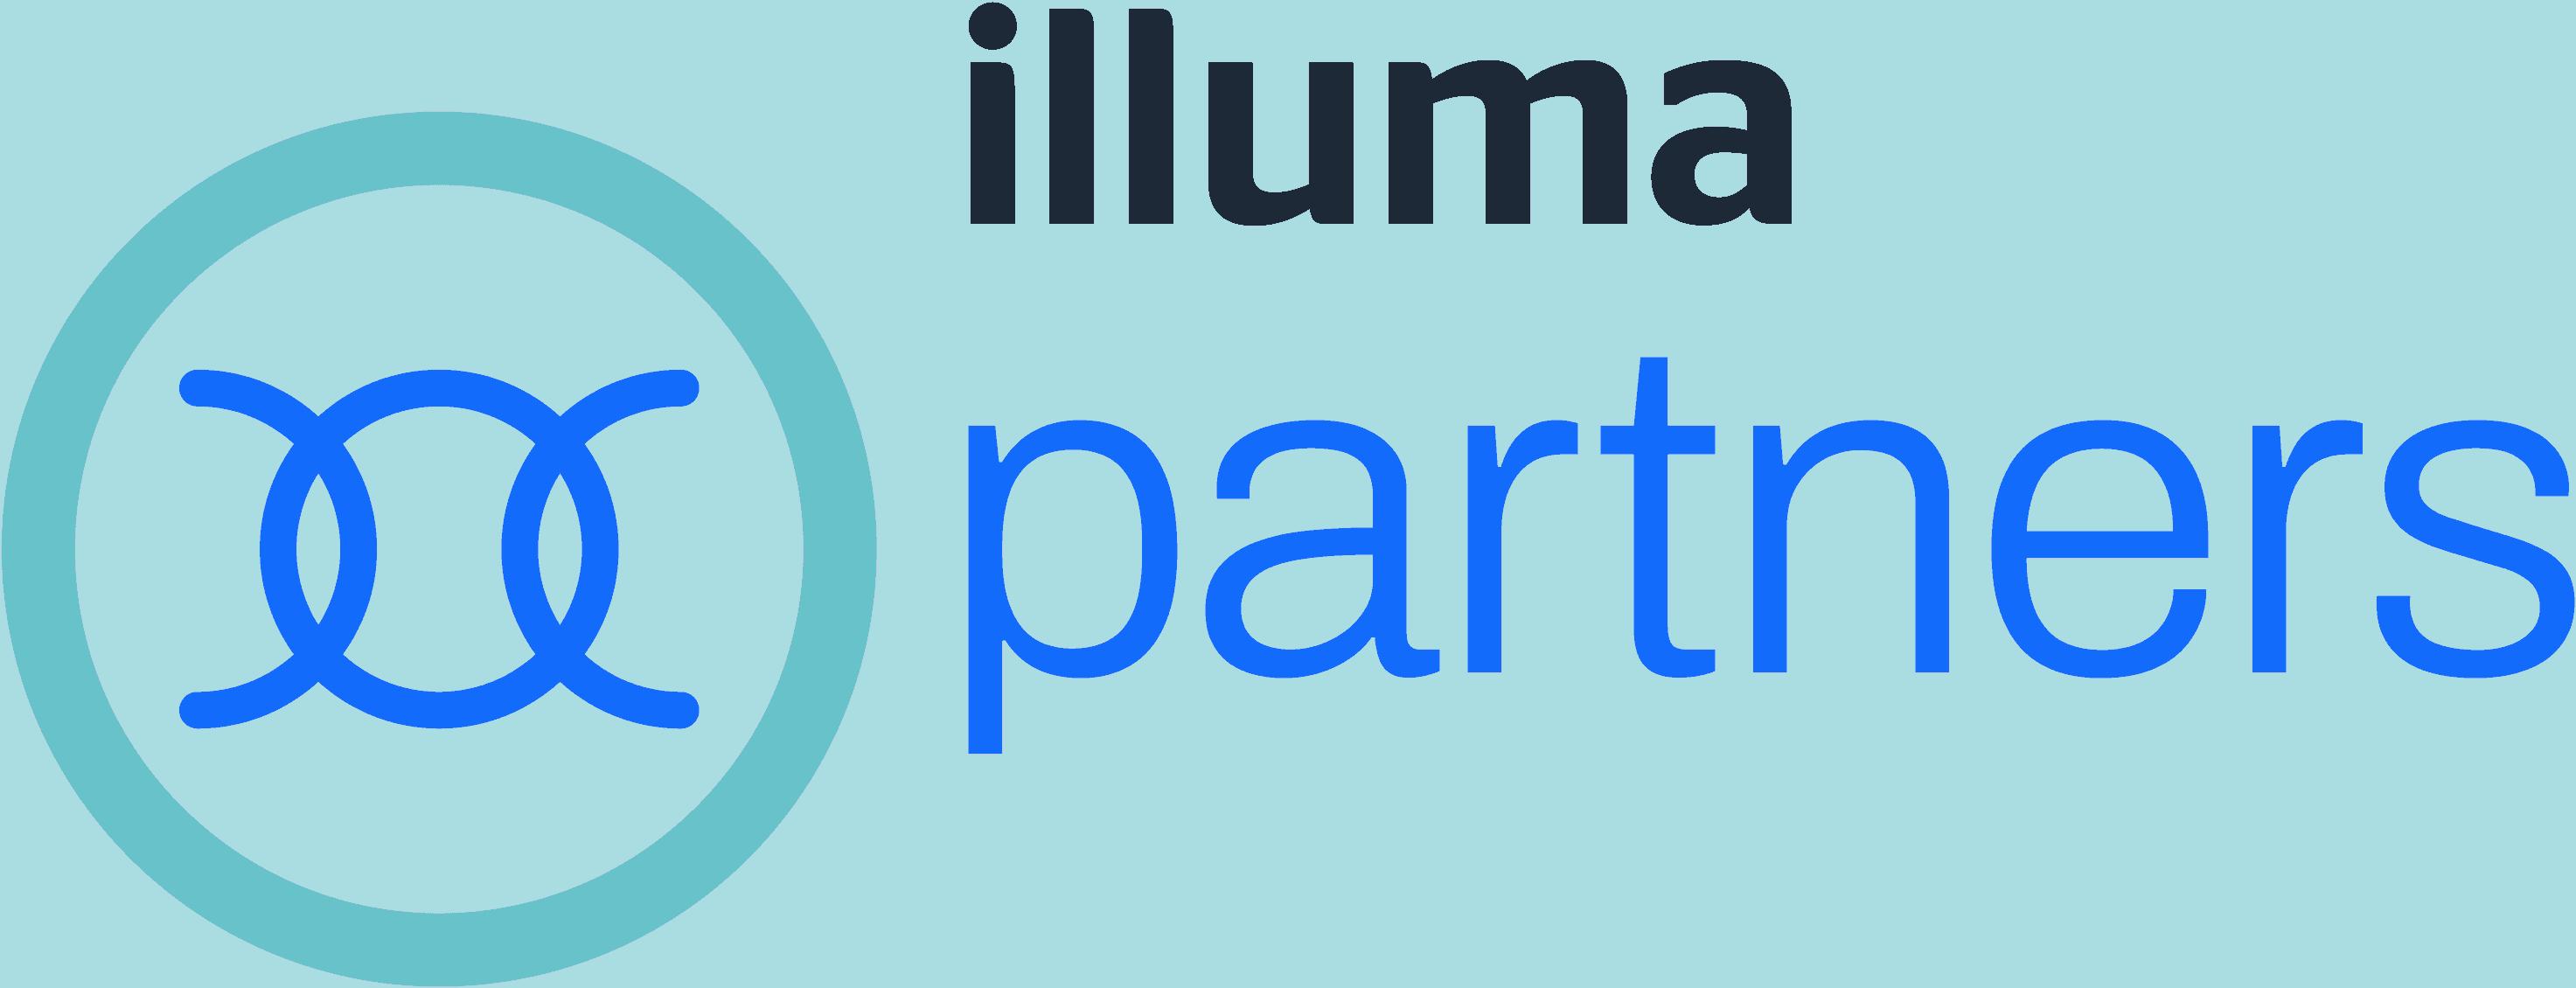 illuma partners logo